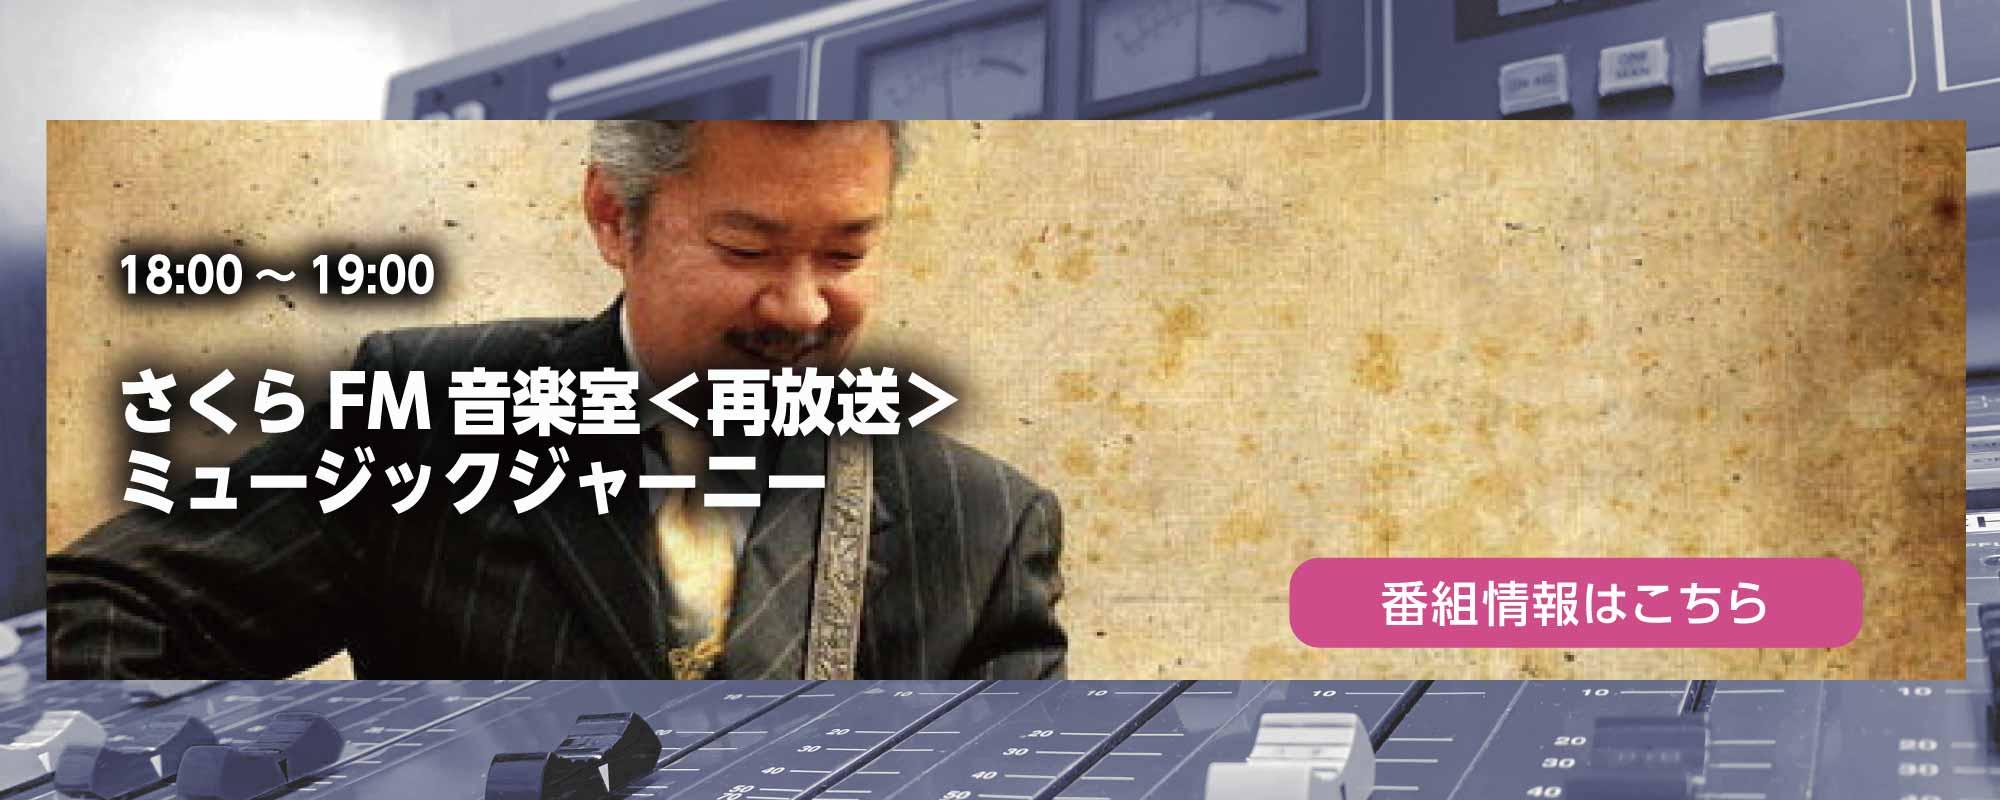 <第4週> さくらFM音楽室<再放送><br/>ミュージックジャーニー